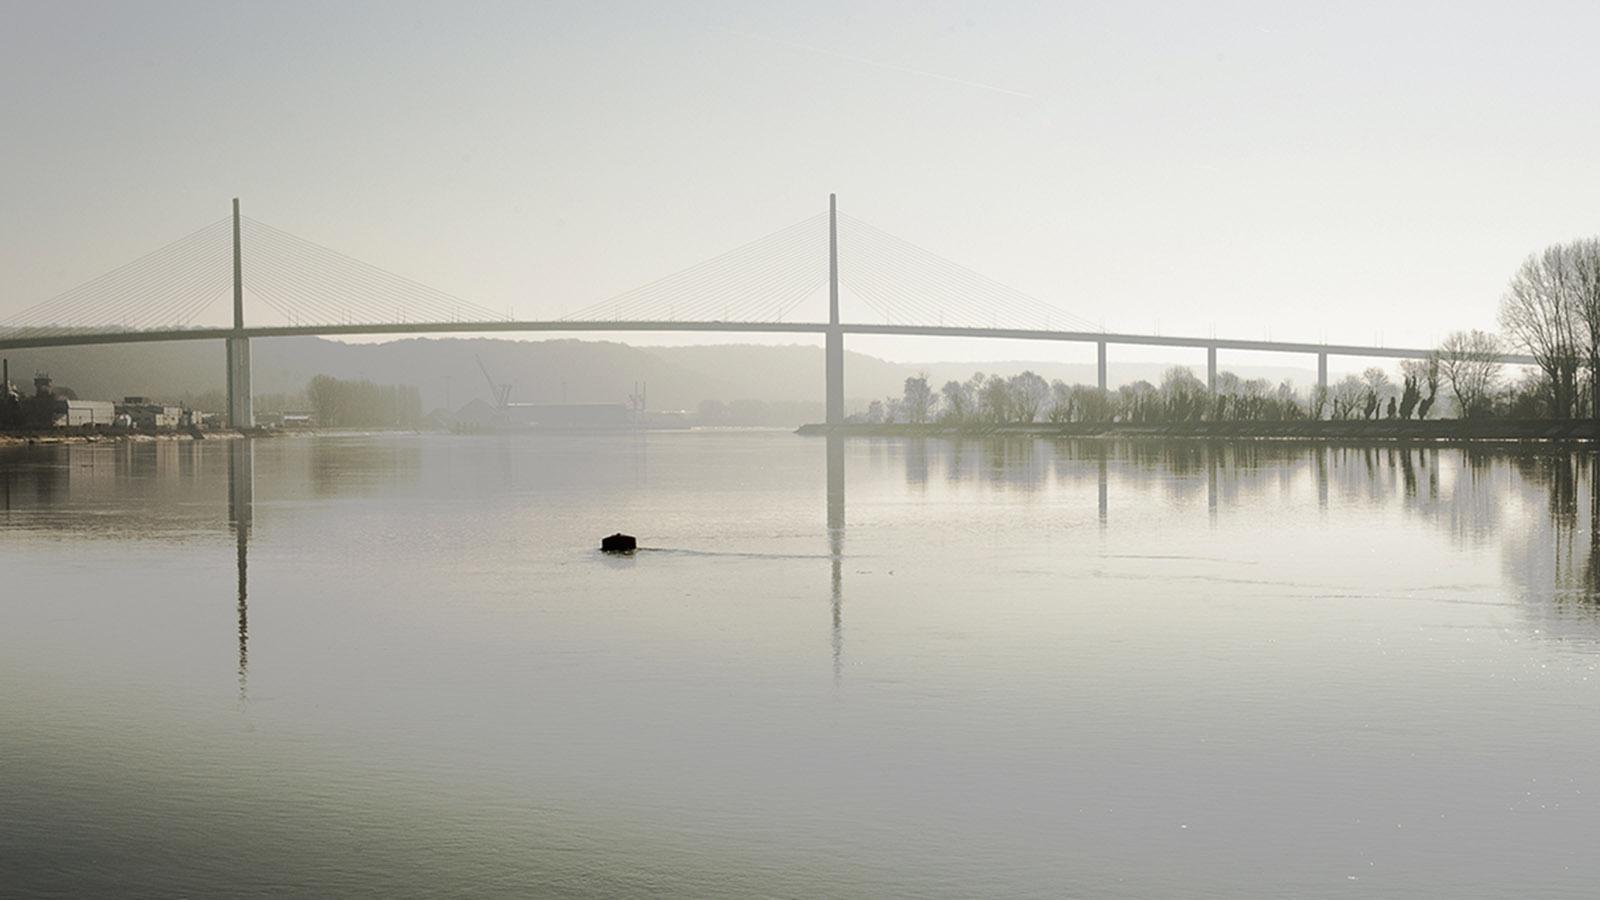 Pont de Brotonne: MS Seine Comtesse passt lässig hindurch - nicht so bei den Pariser Brücken. Foto: Hilke Maunder